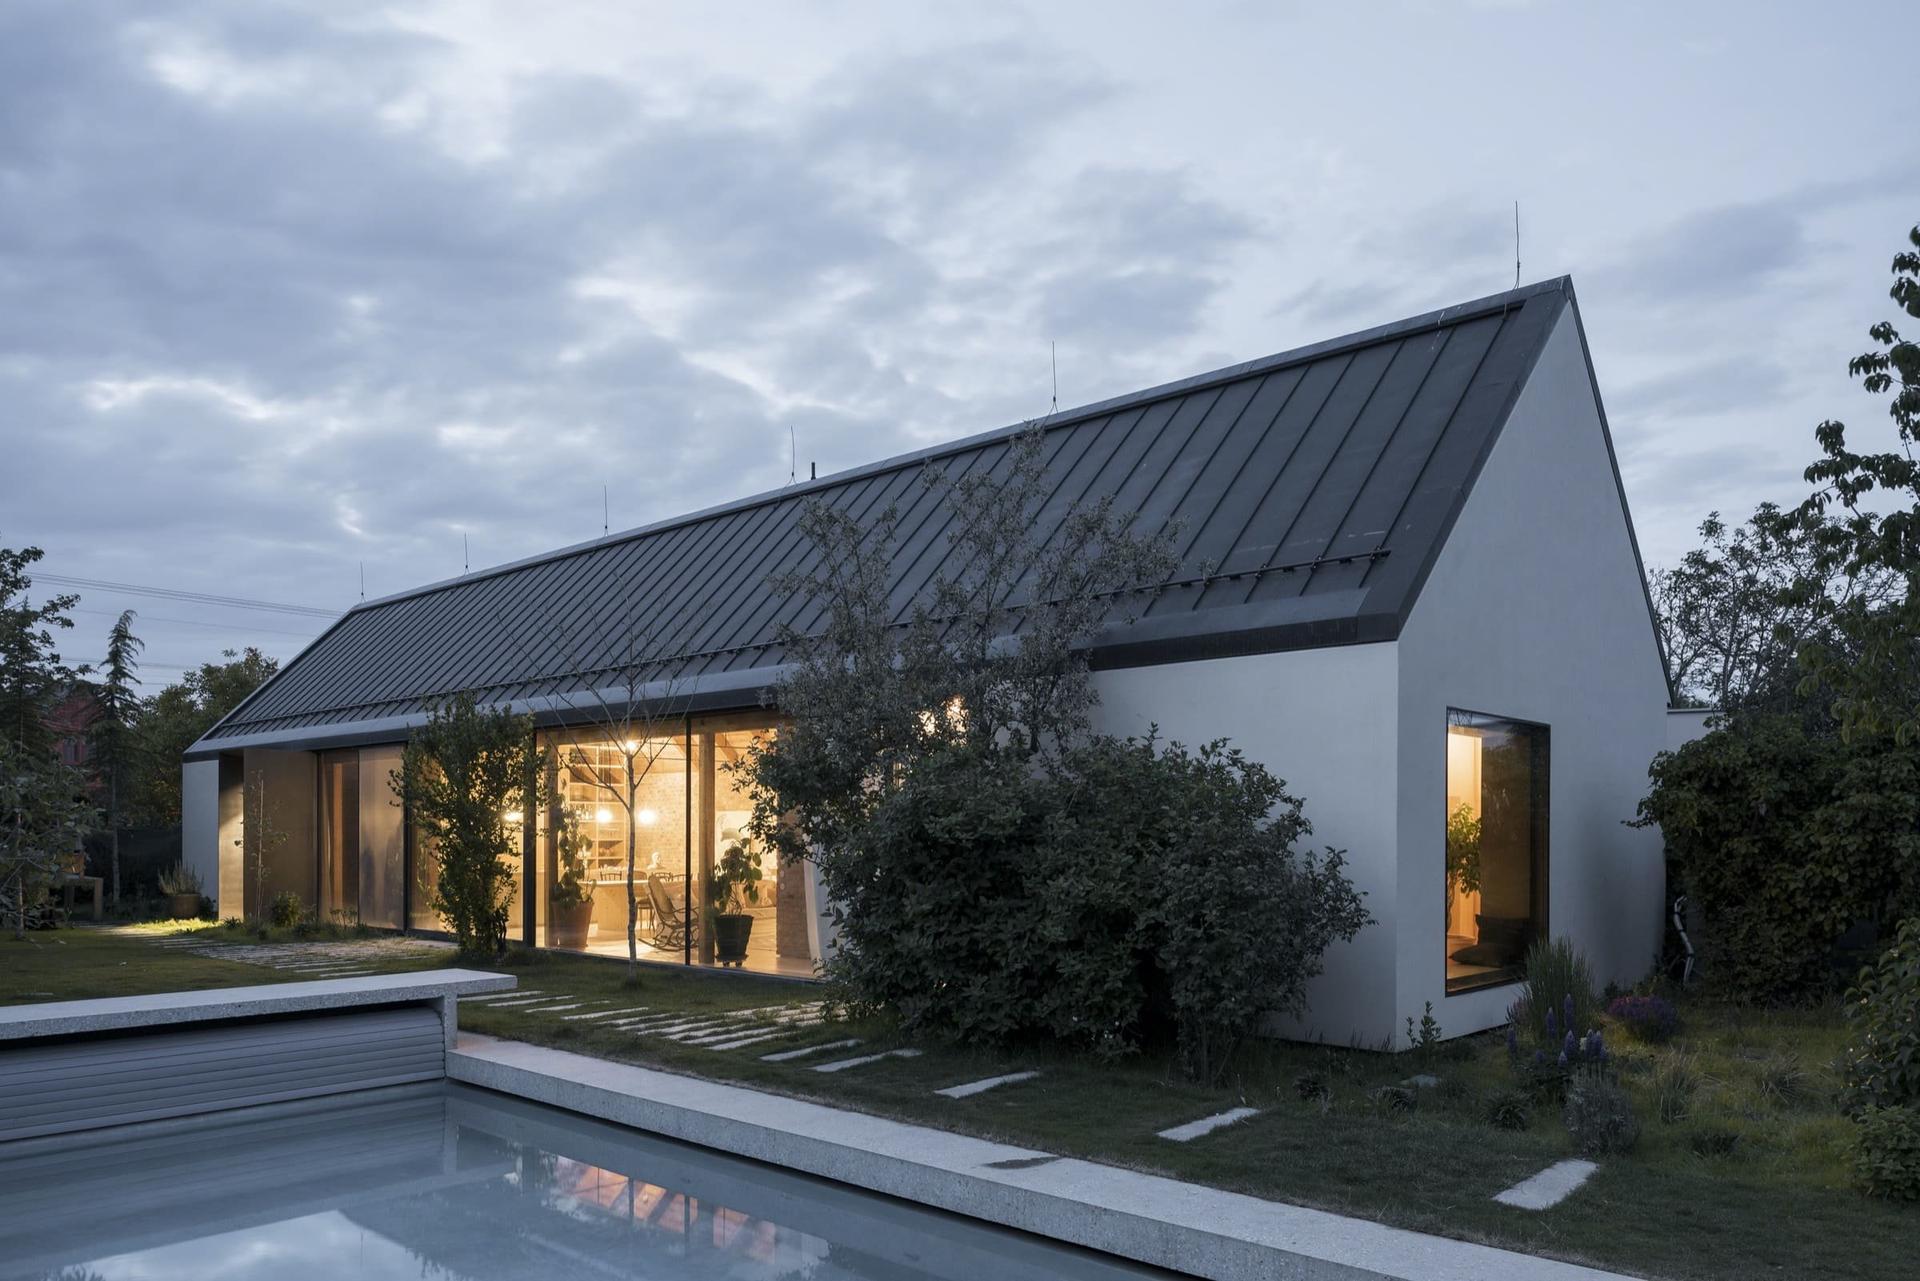 Moderní dům ze zrecyklovaného zdiva - Obrázek č. 1